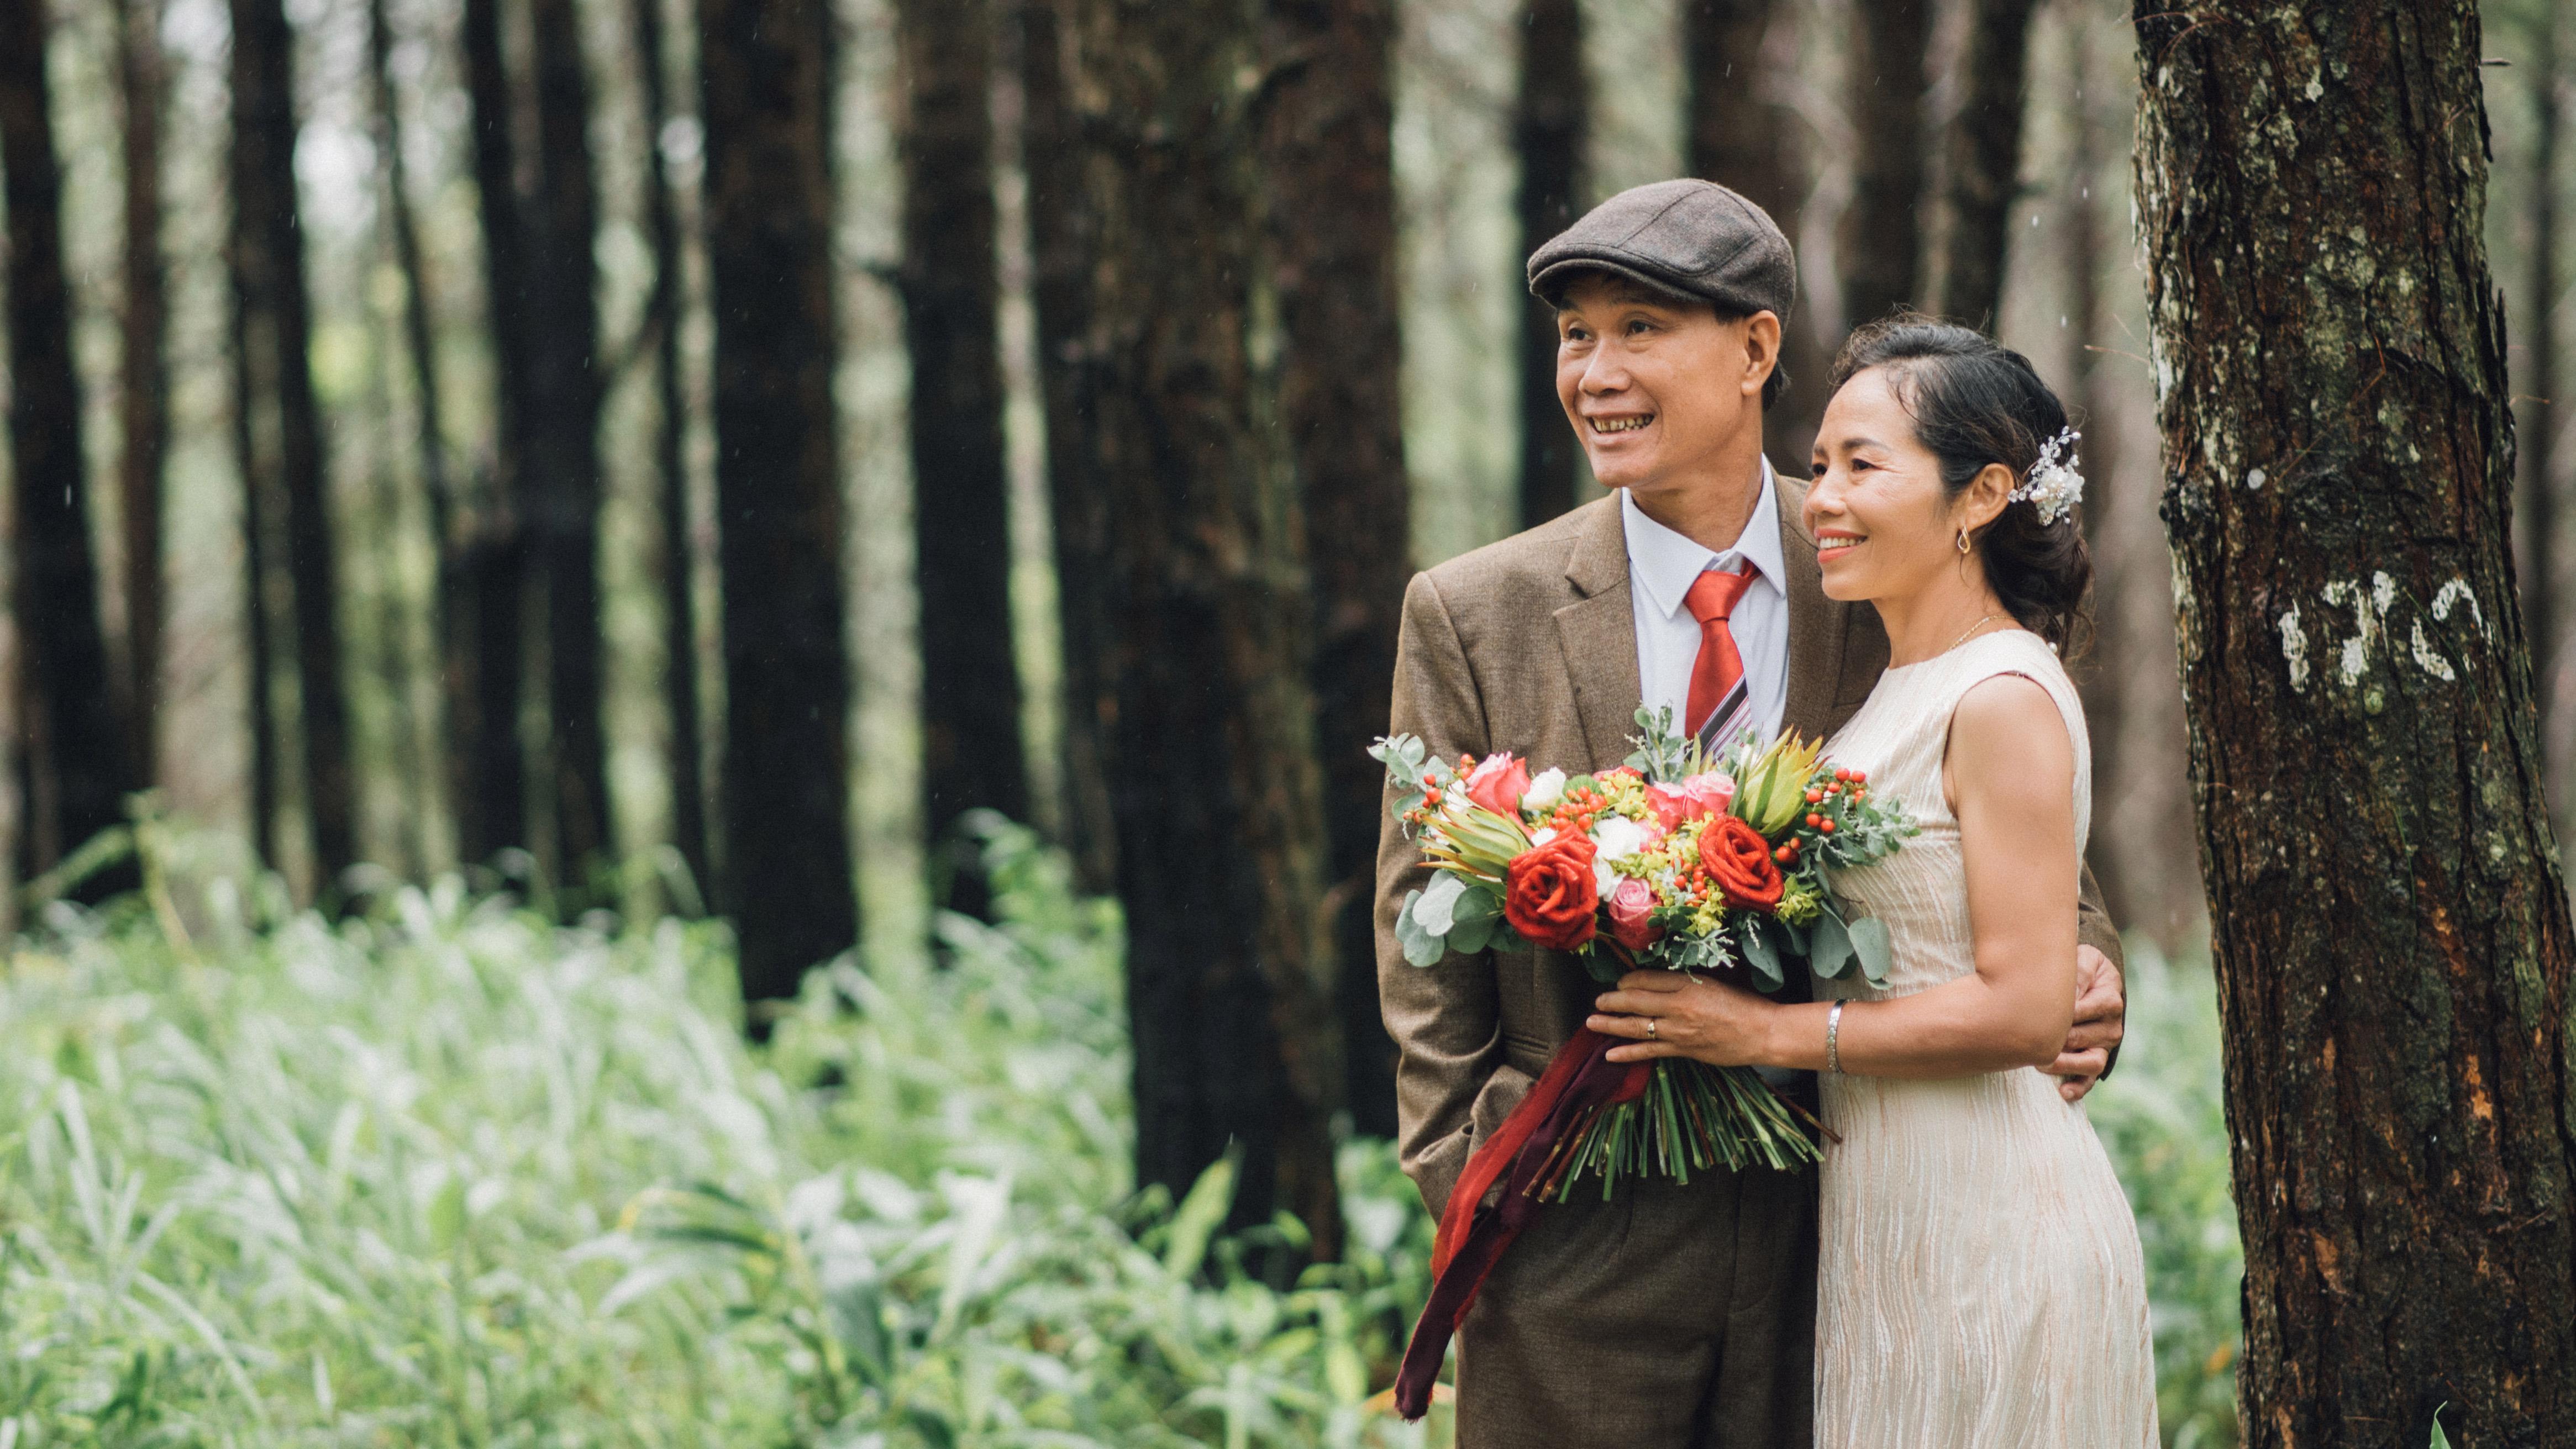 Cặp U60 chưa một lần chụp ảnh cưới và khoảnh khắc giới trẻ bảo nhau 'mình chạy dài chẳng kịp'